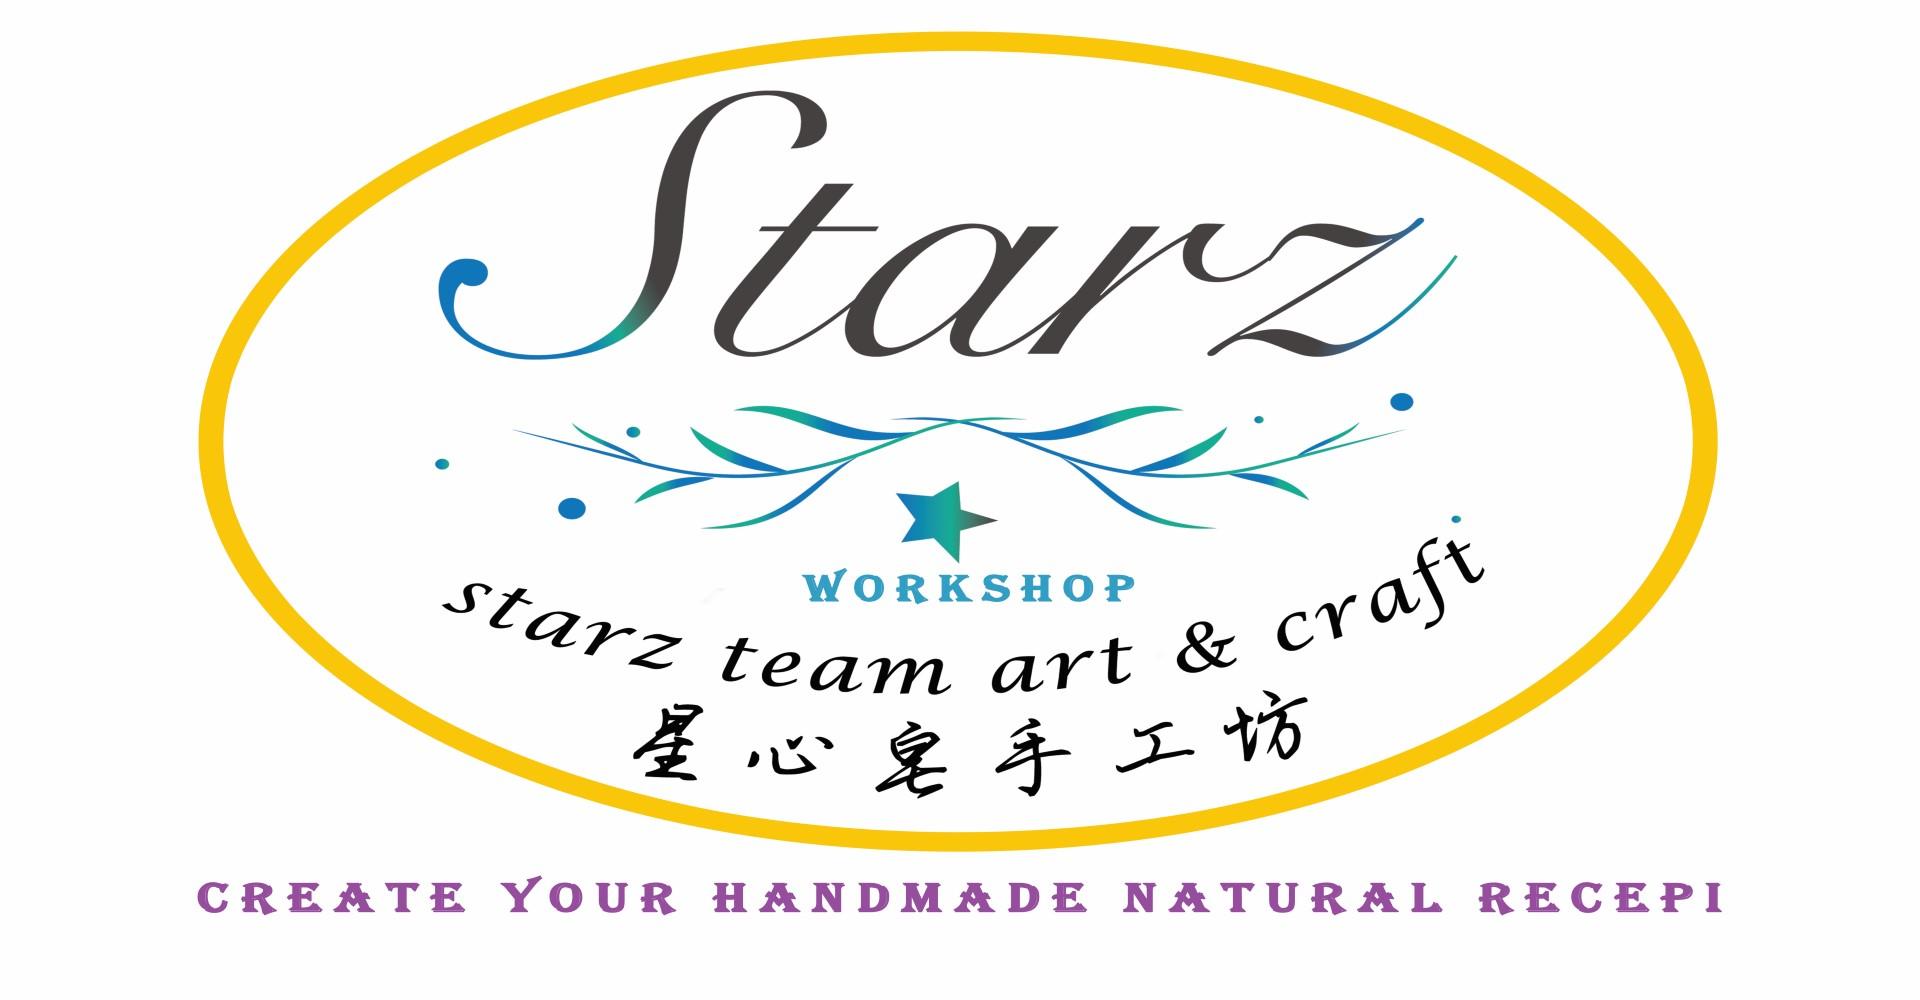 StarzTeam